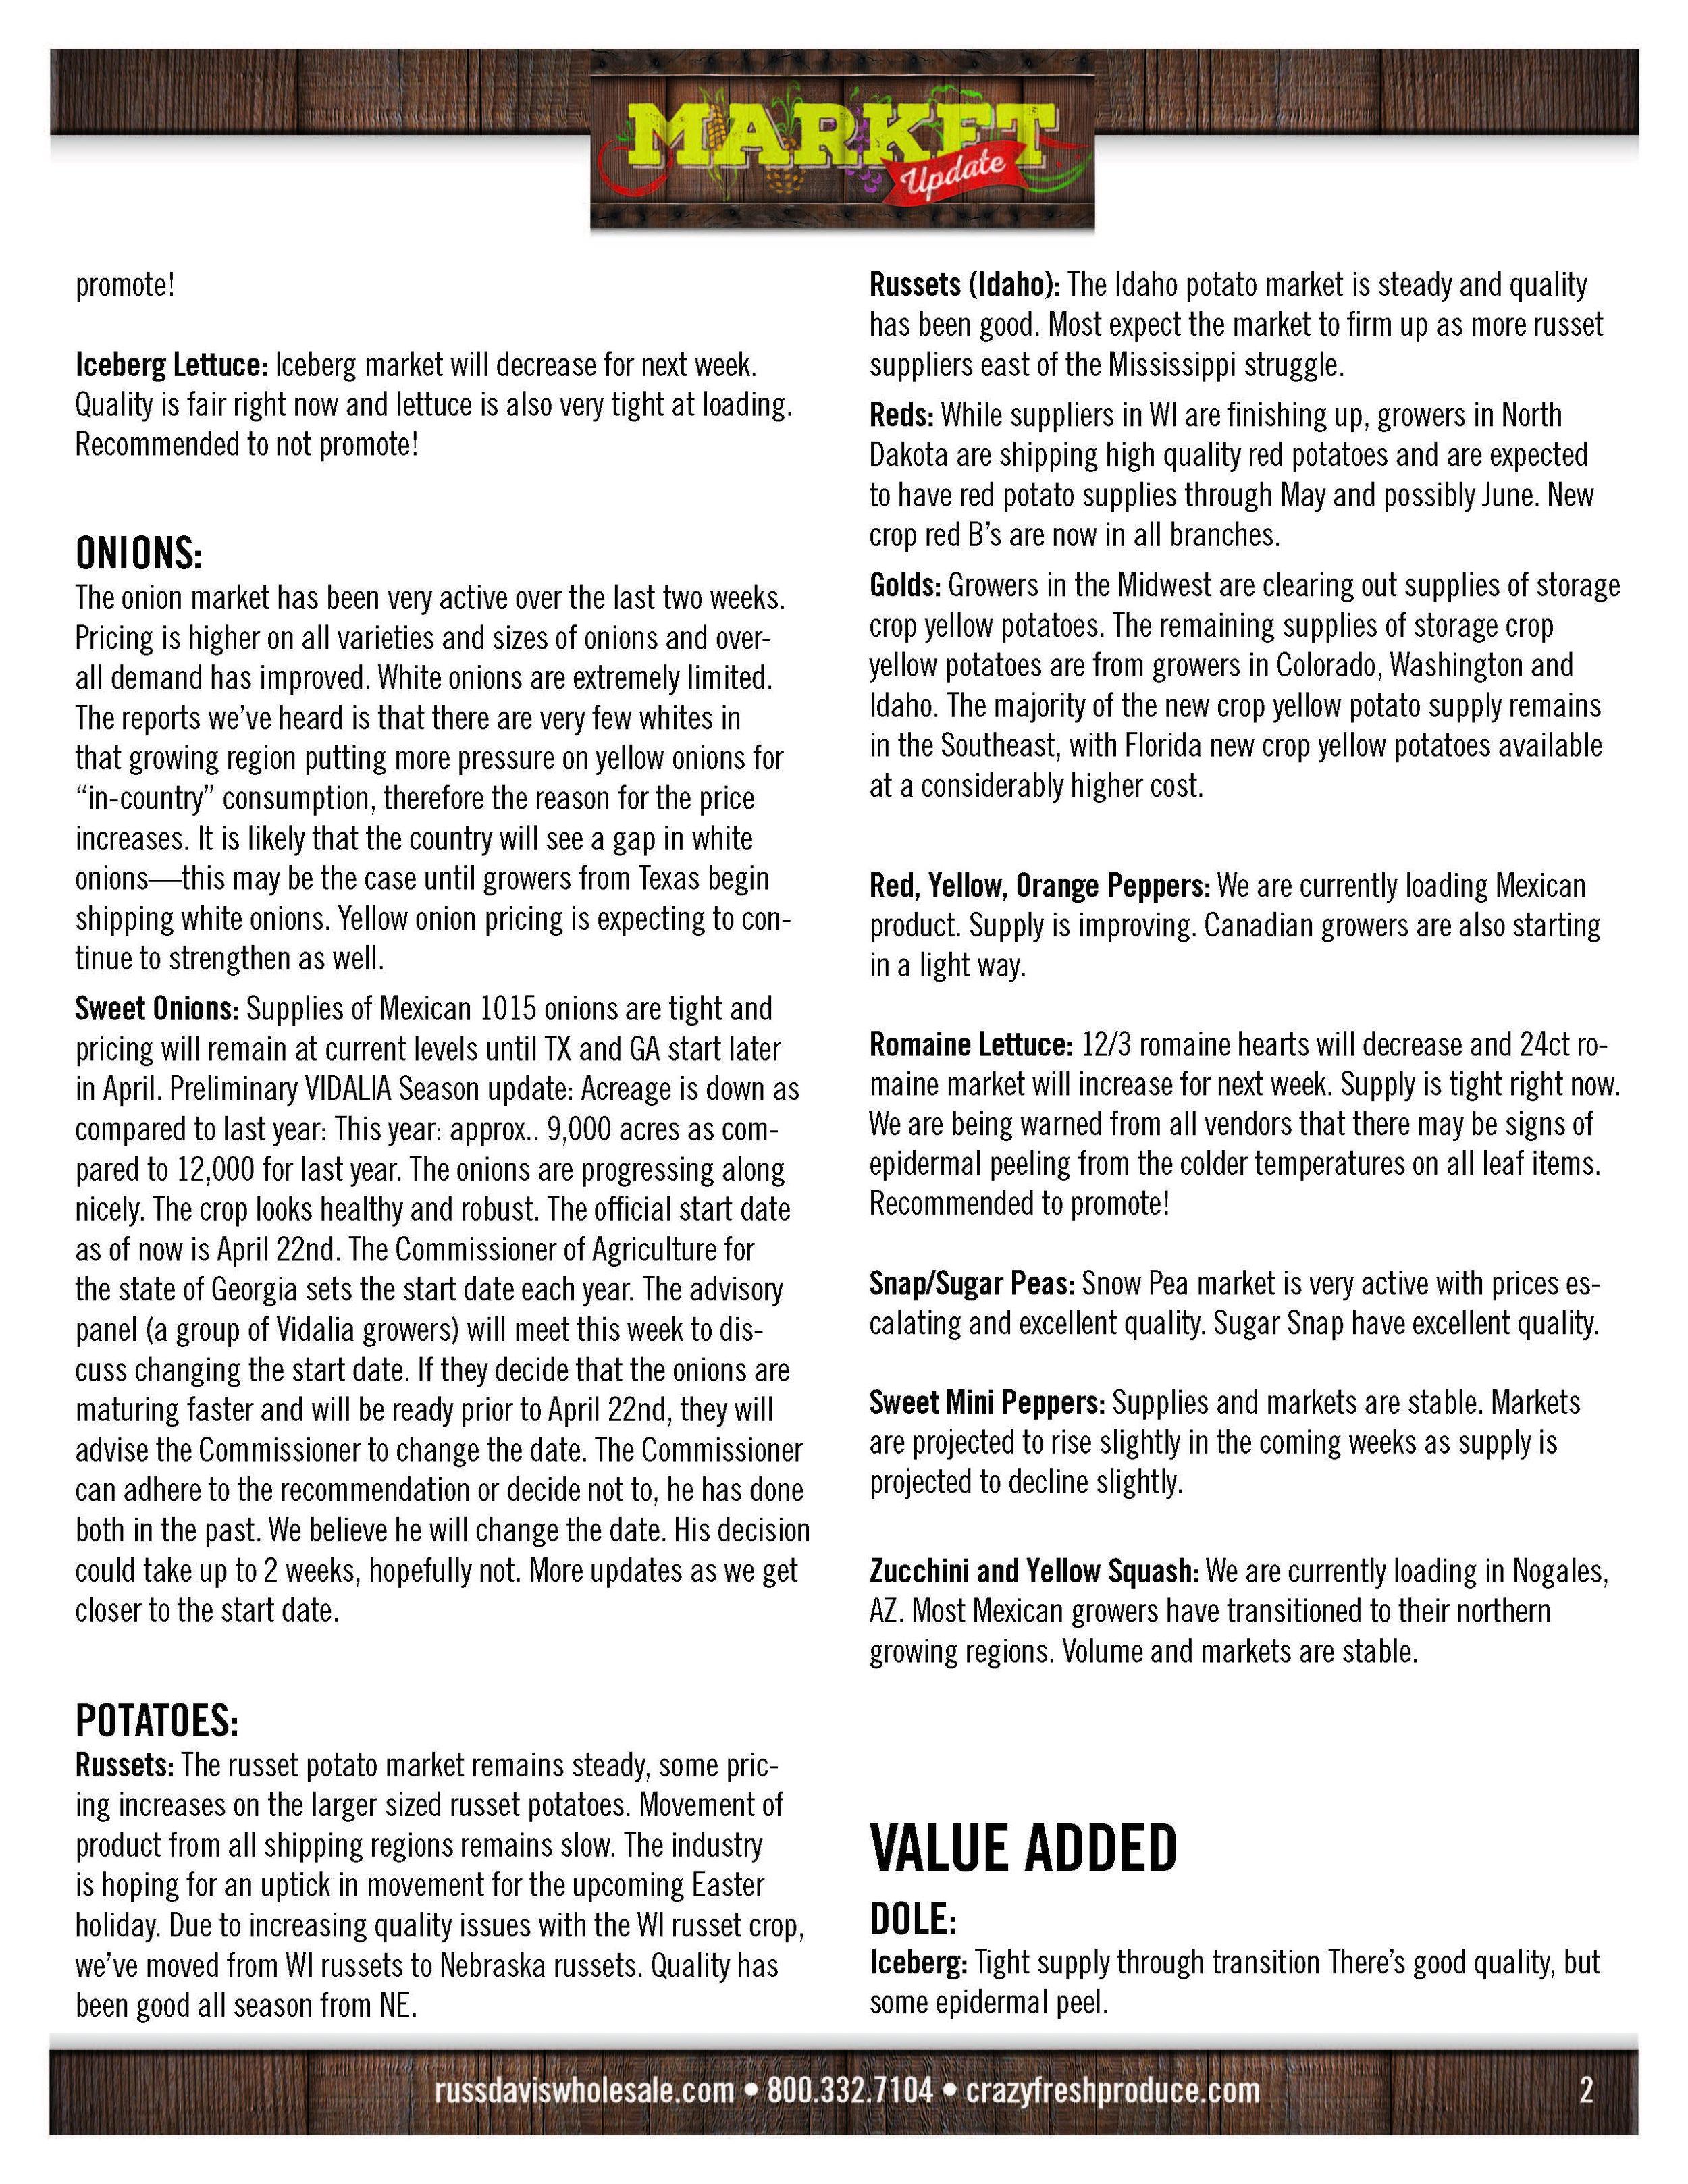 RDW_Market_Update_Mar28_19_Page_2.jpg